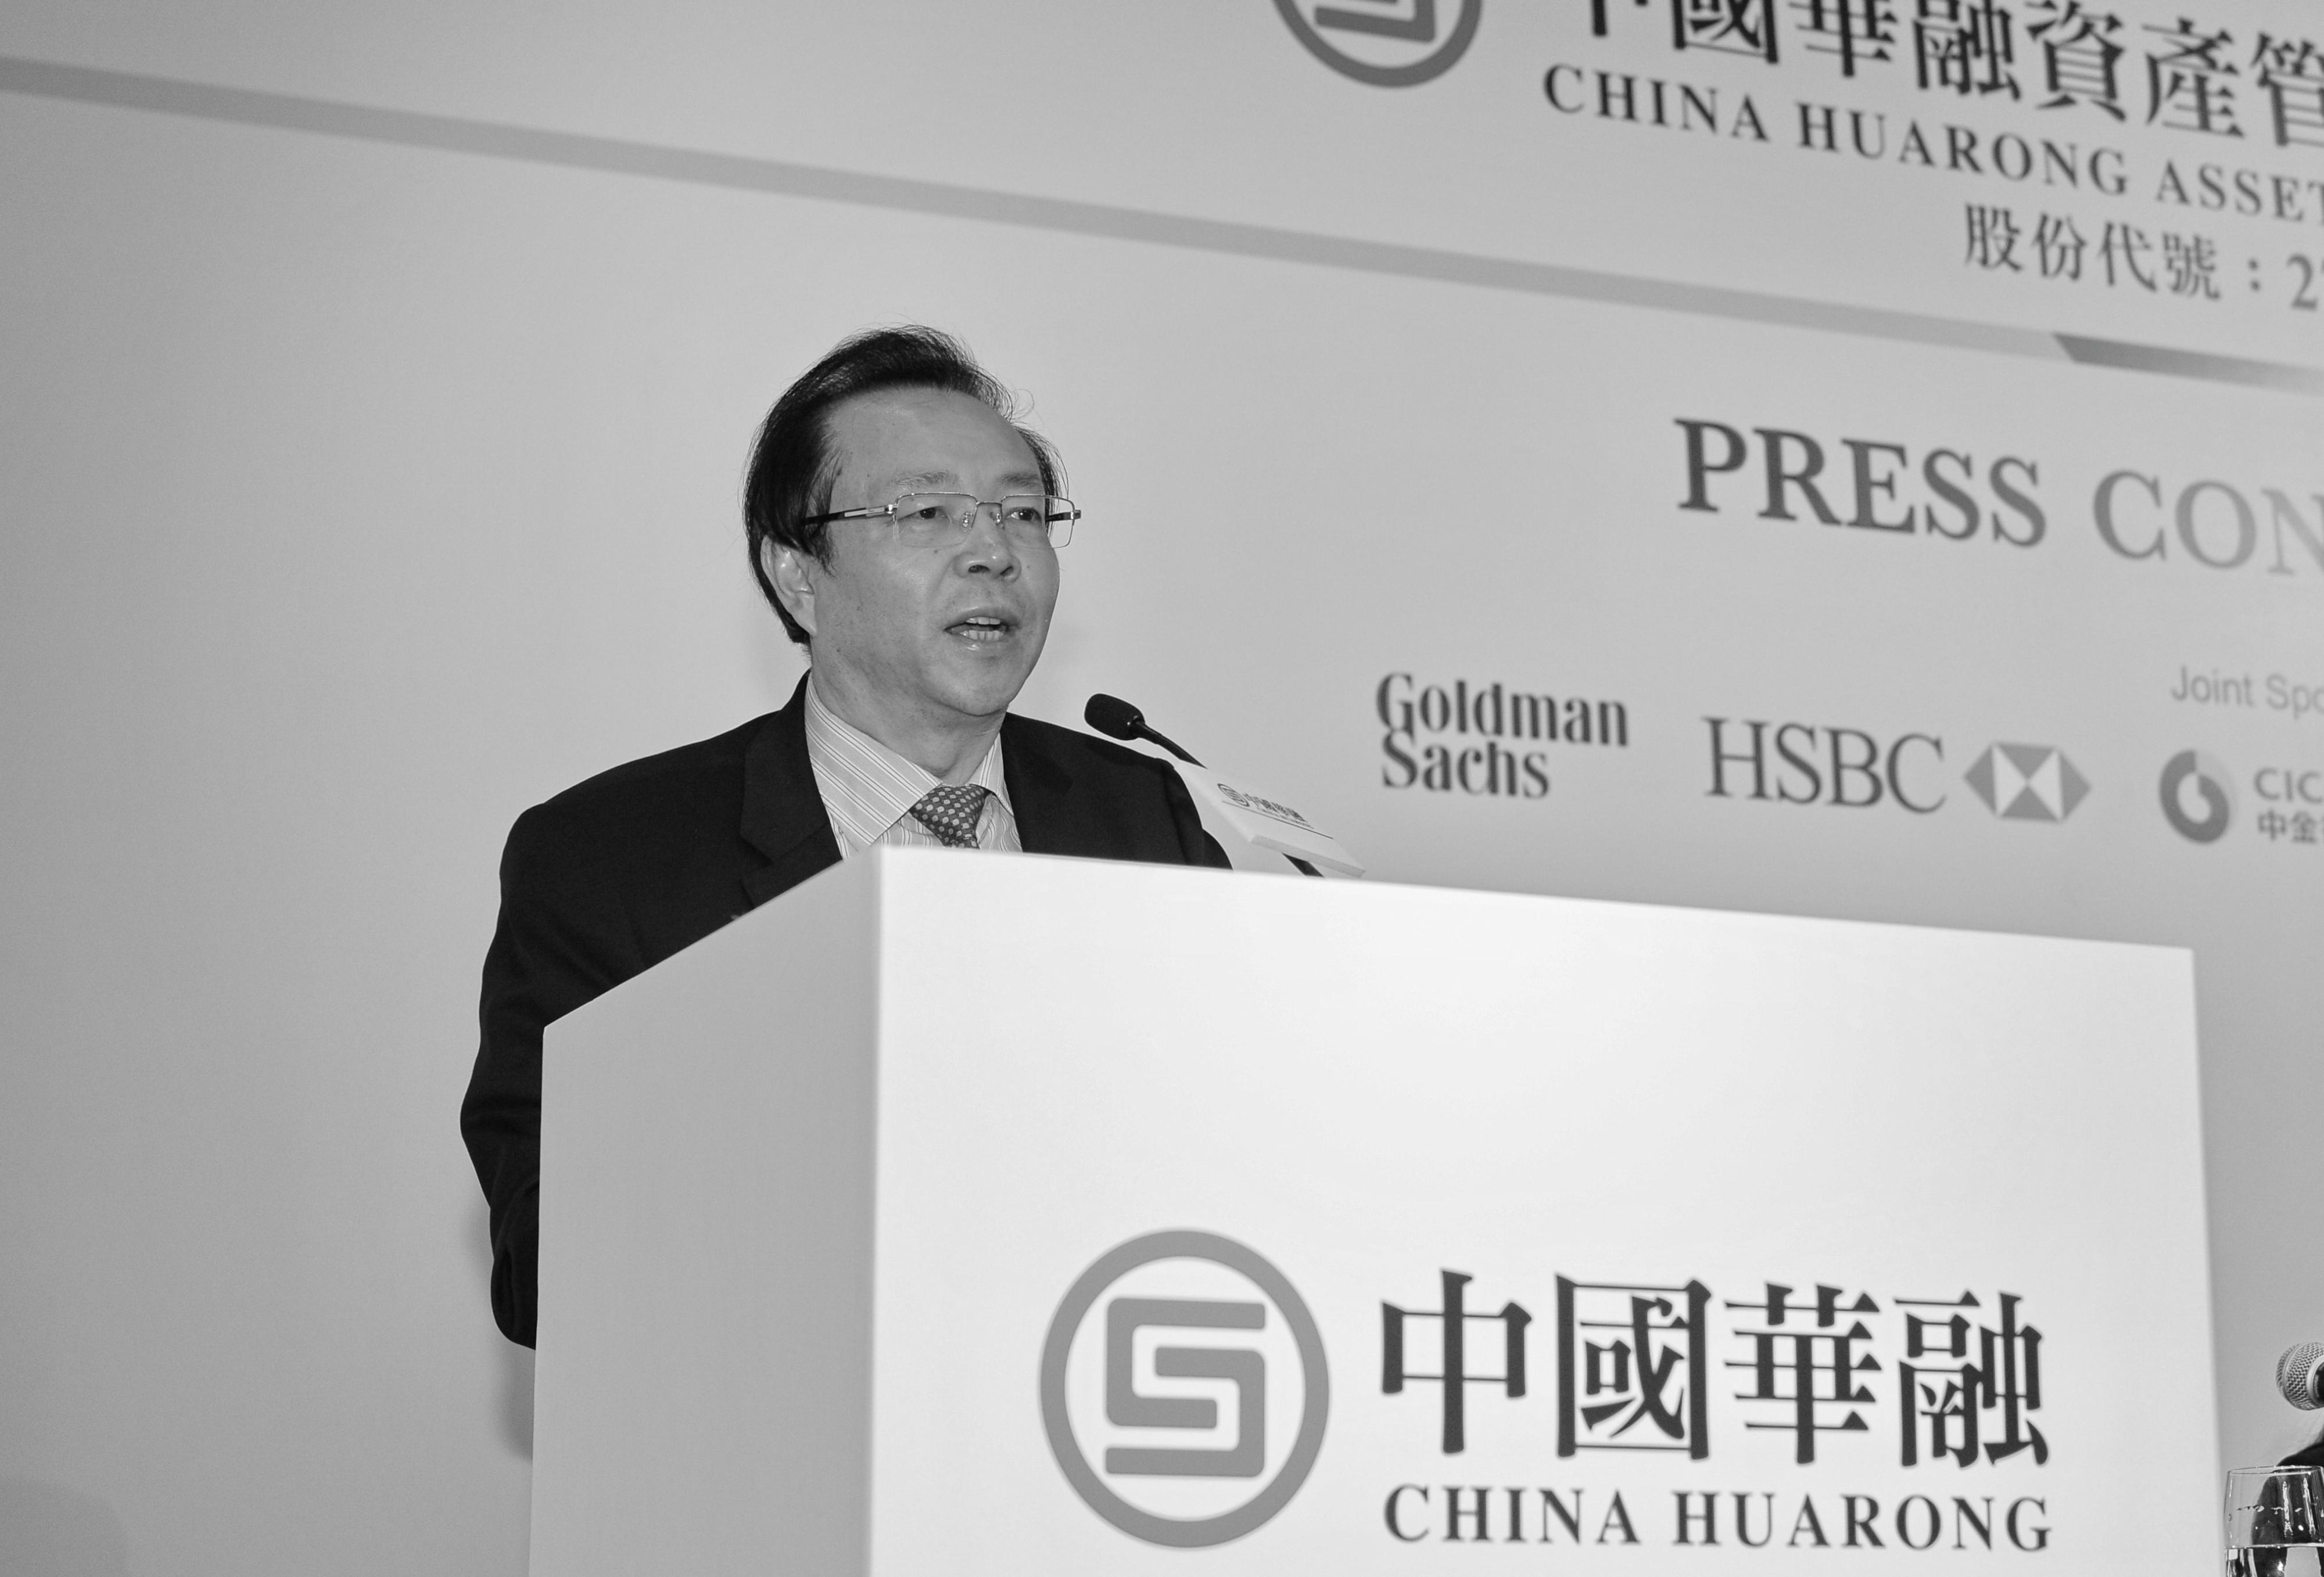 華融前董事長賴小民藏黑錢2.7億 刷新紀錄